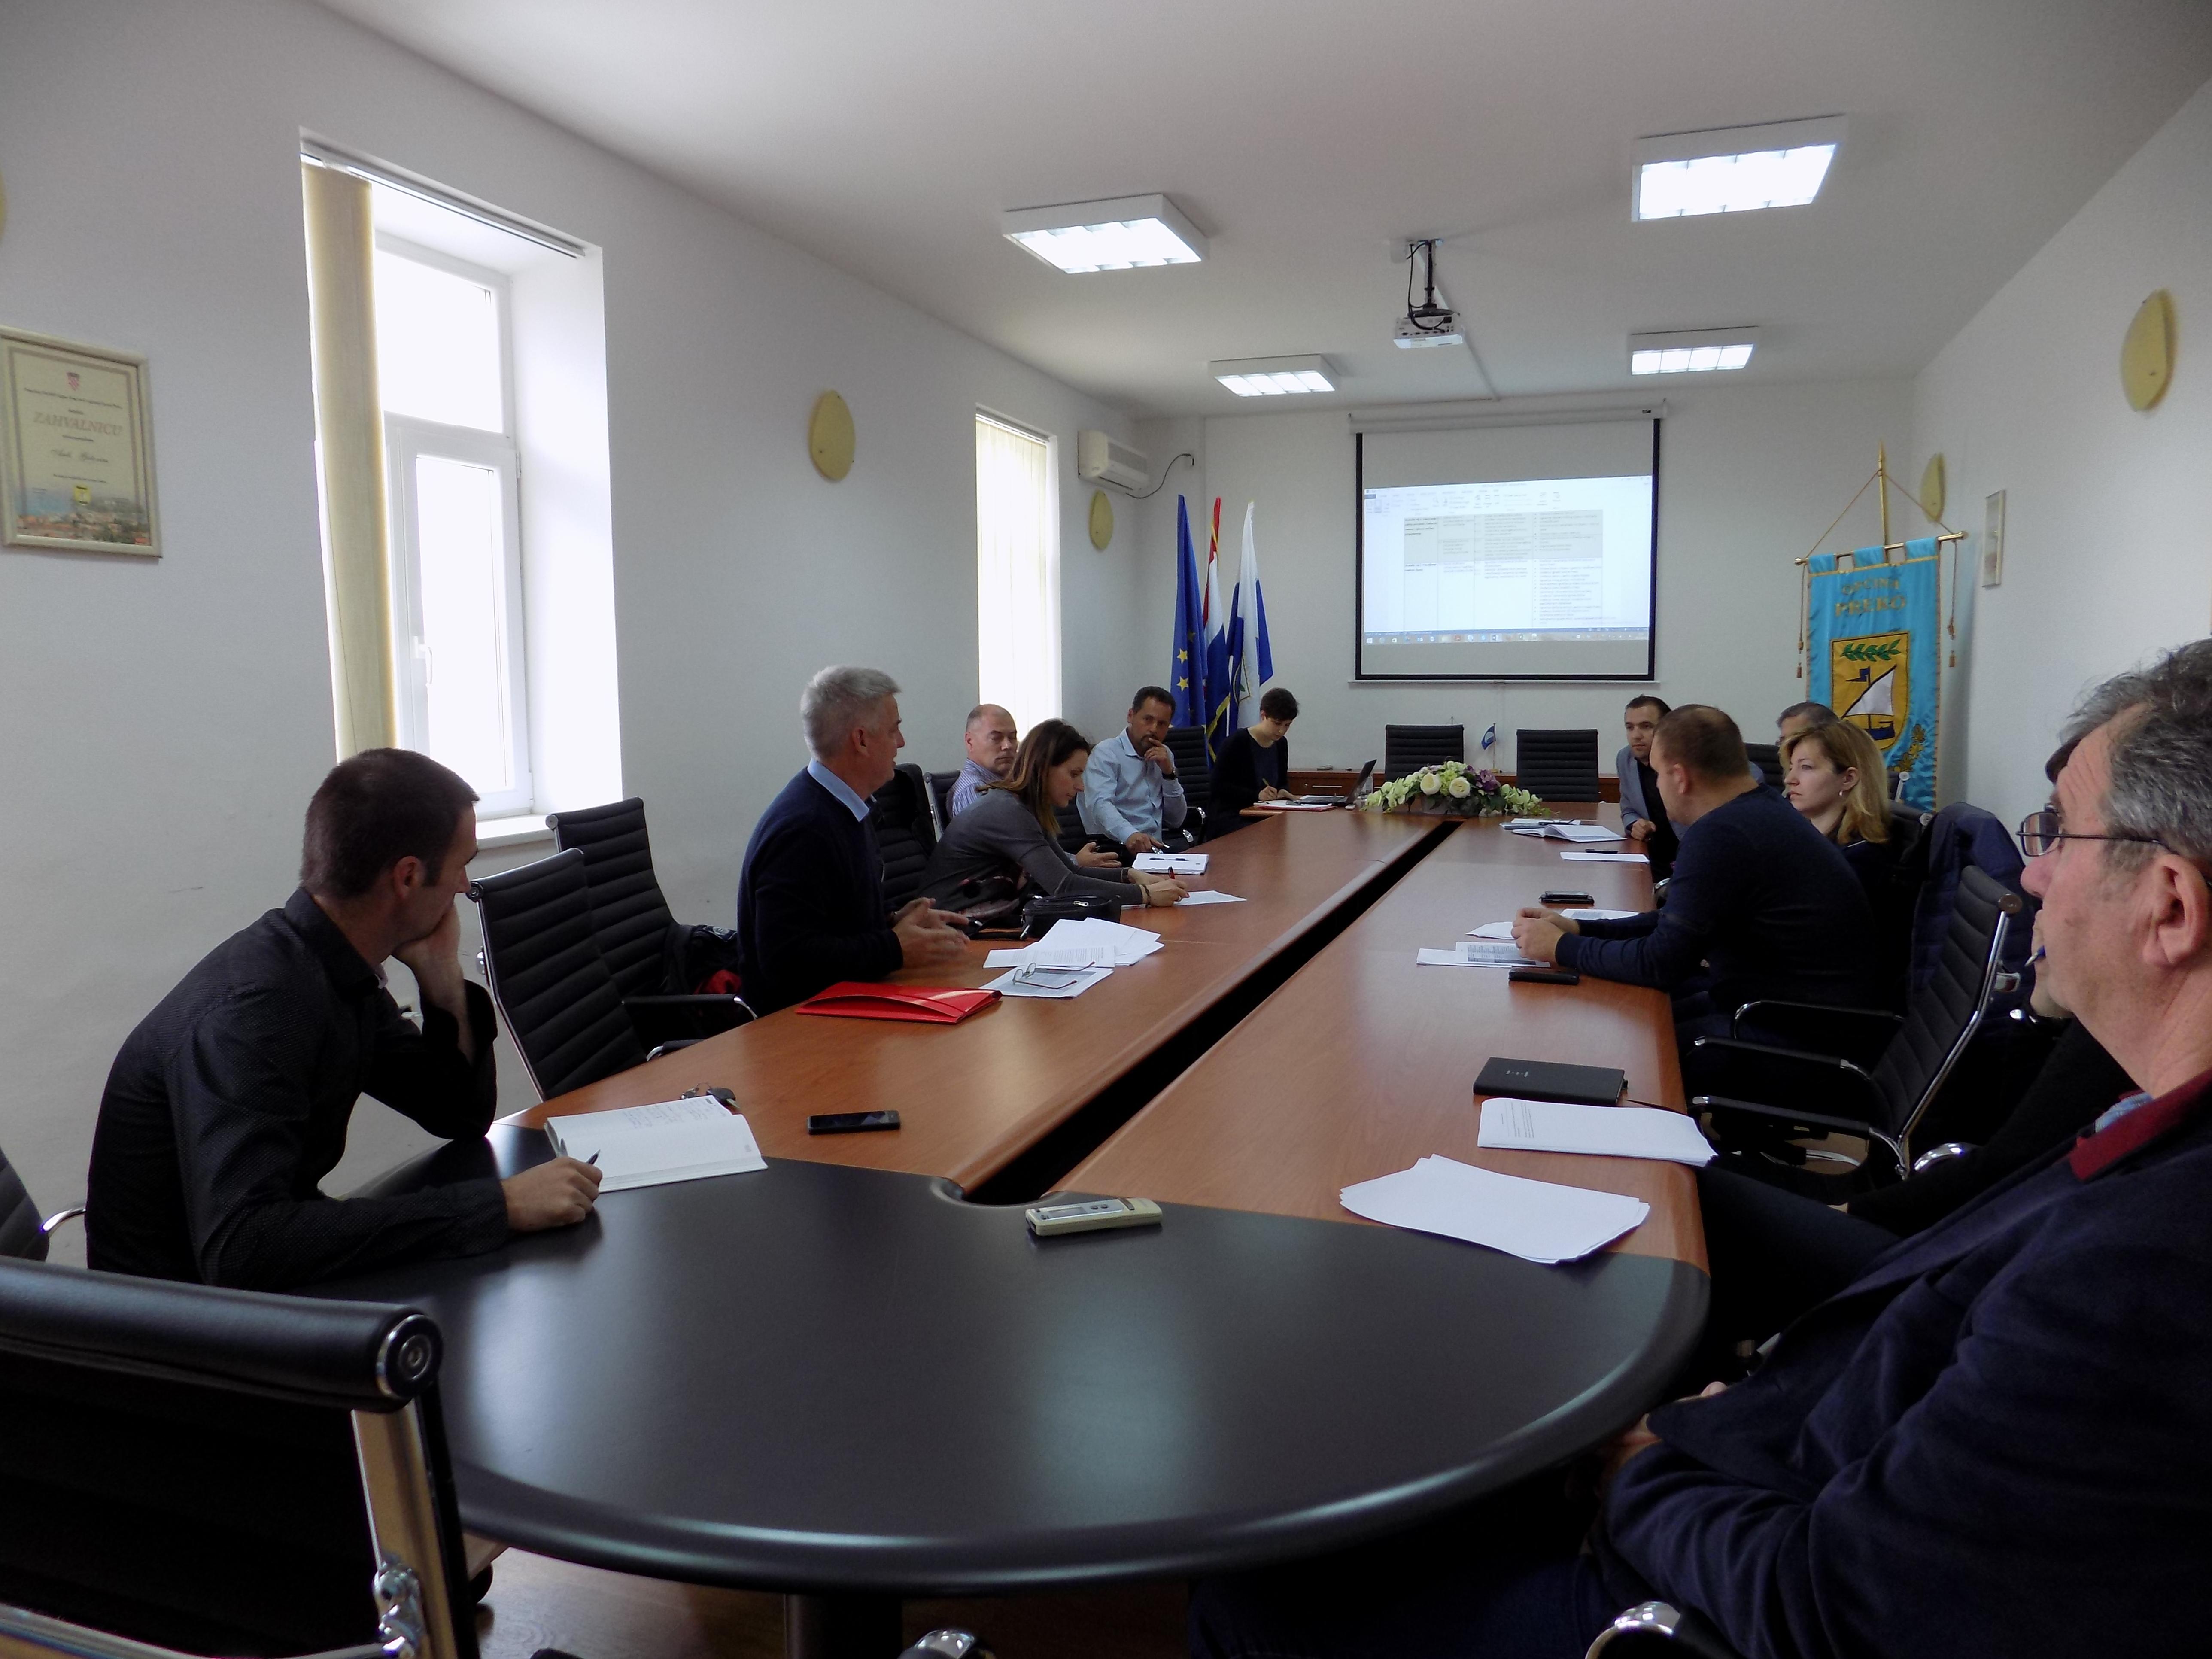 Uskoro javna prezentacija razvojne strategije Općine Preko